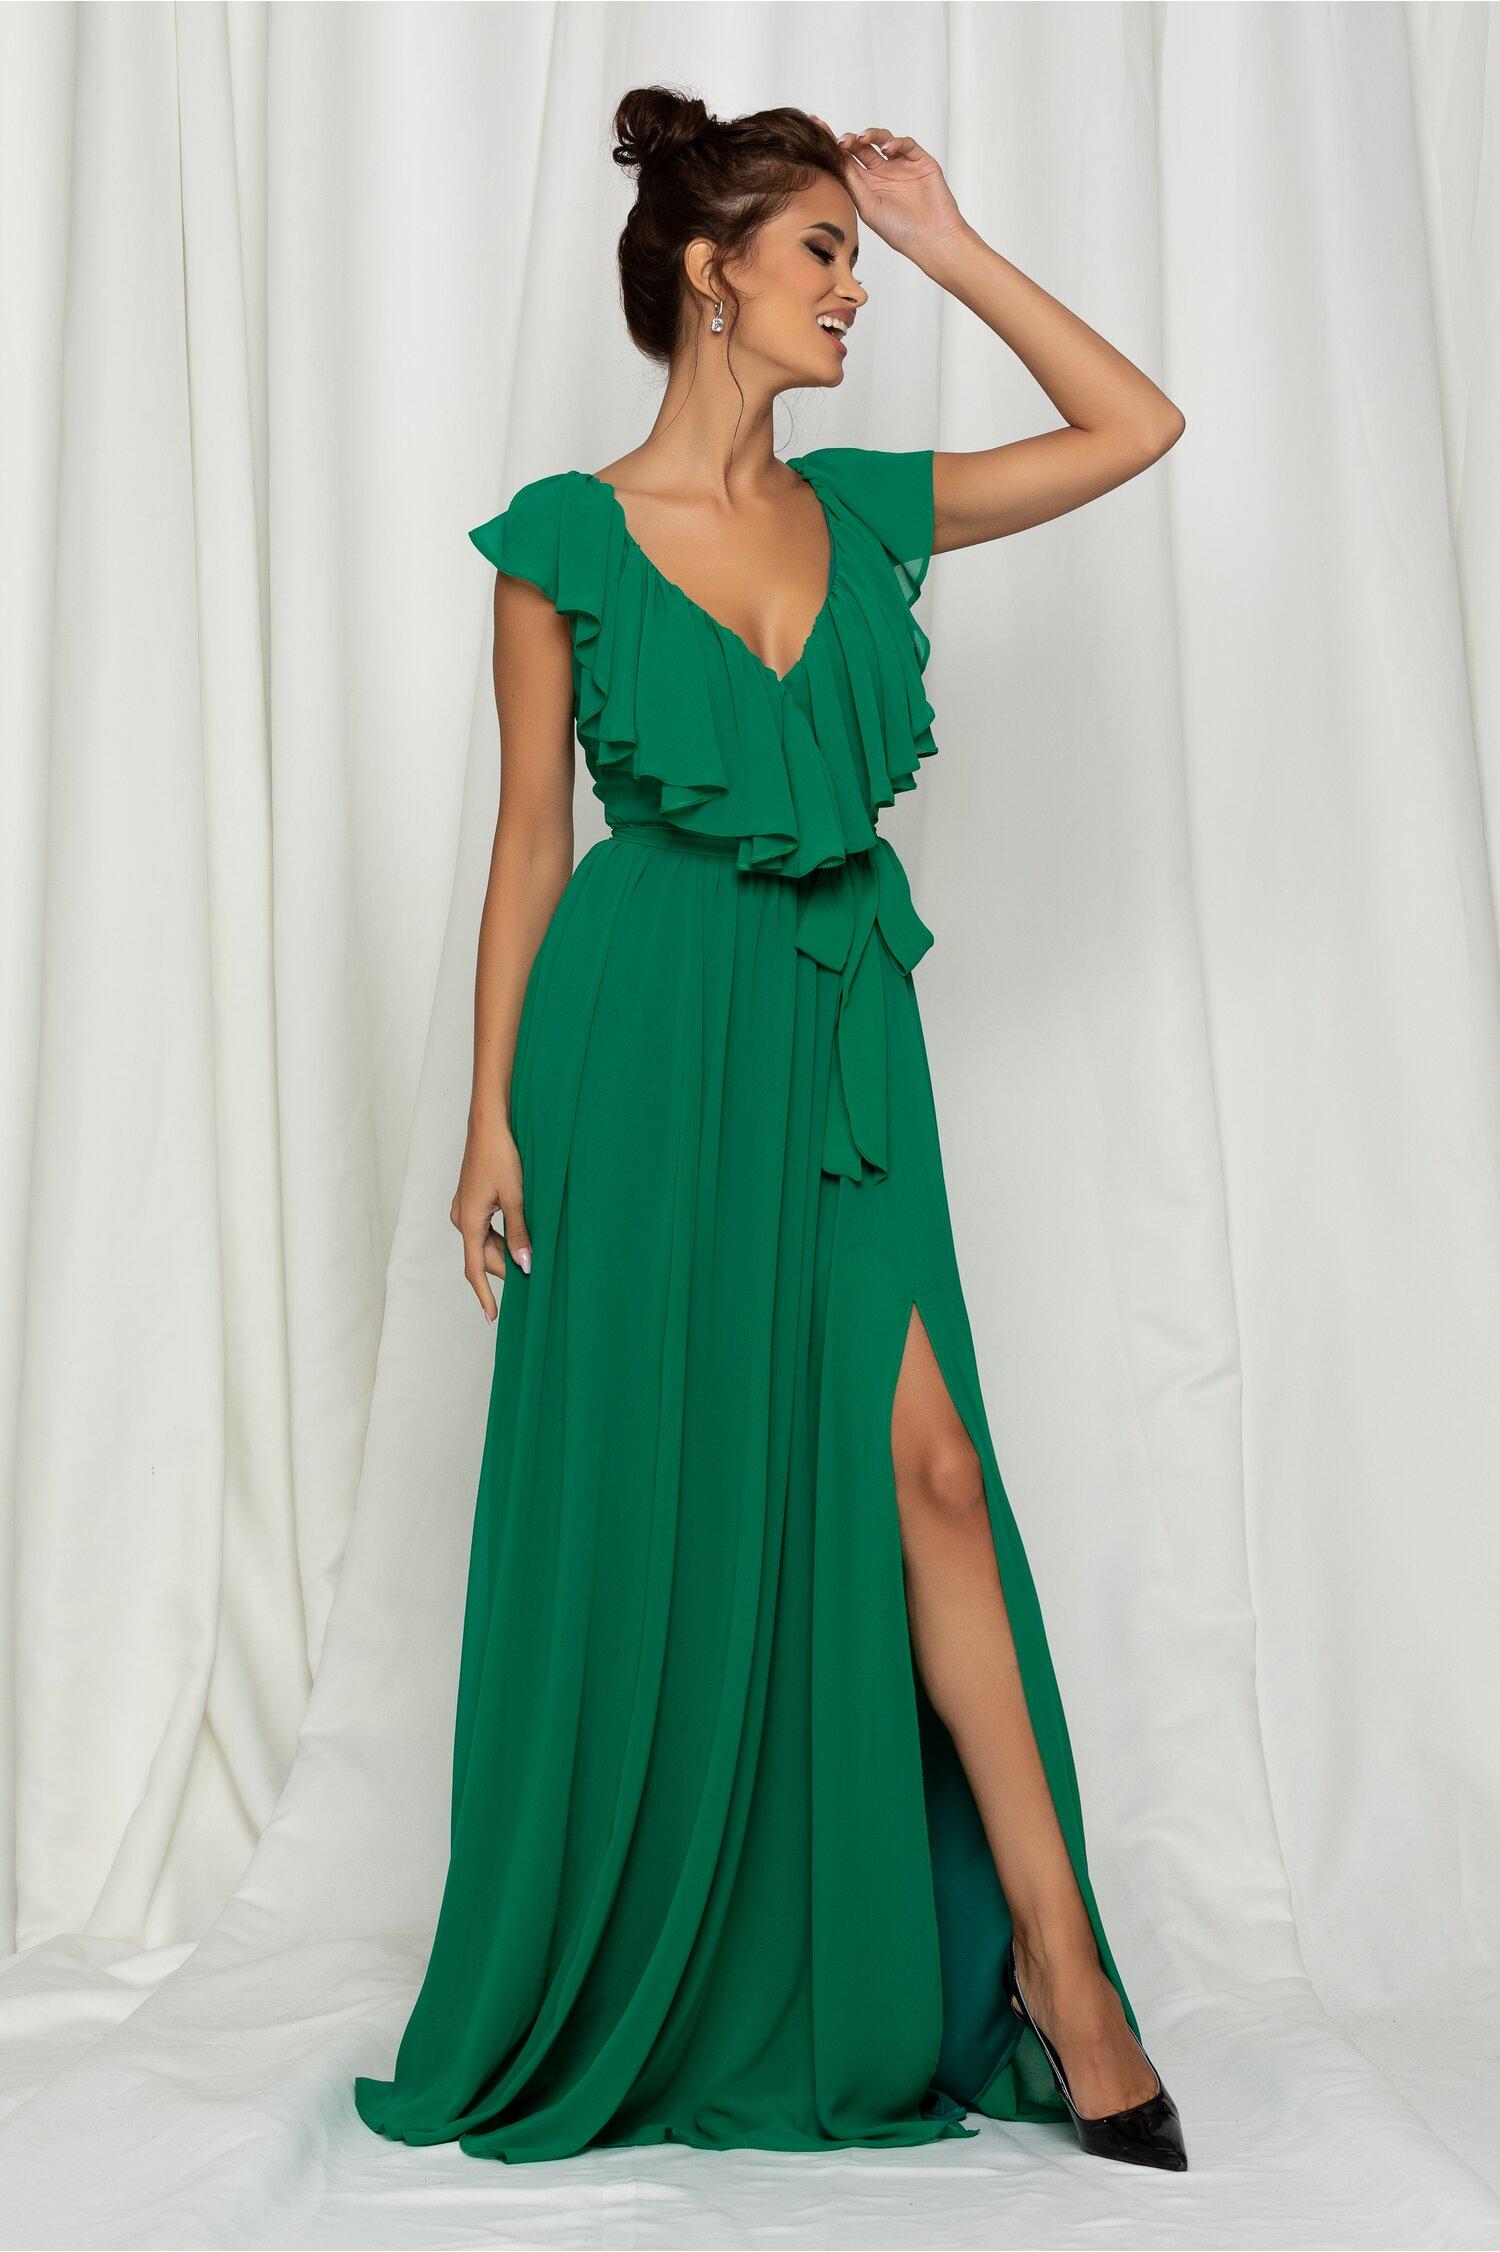 Rochie Dy Fashion Gaby lunga verde din voal cu volanase la decolteu